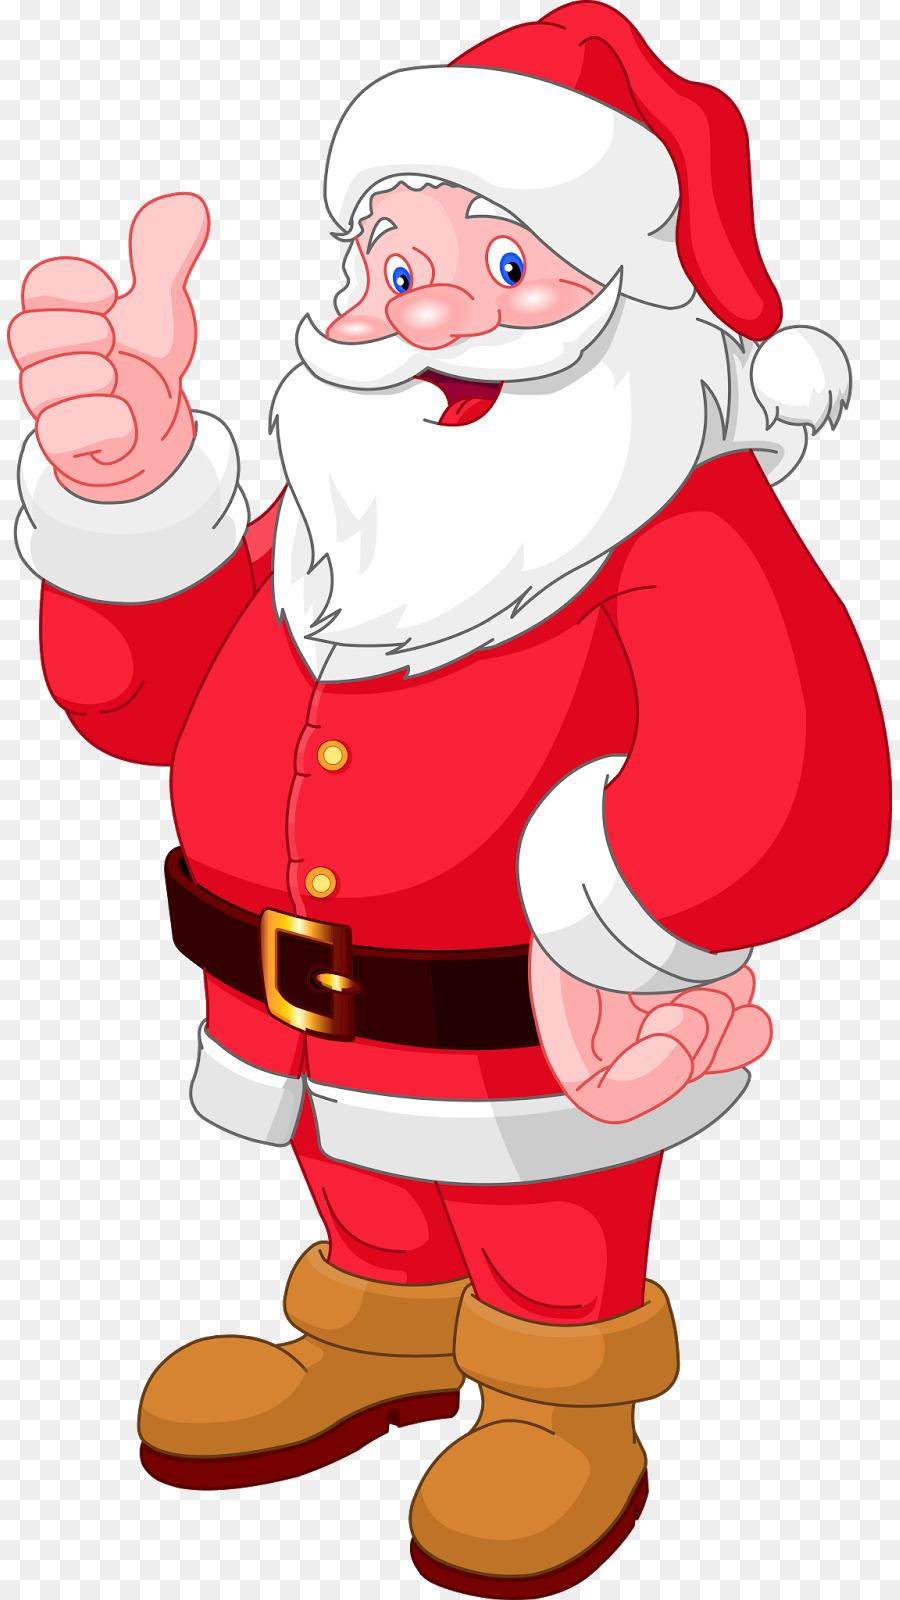 Descarga gratuita de Santa Claus, La Navidad, Navidad Santa Claus Imágen de Png